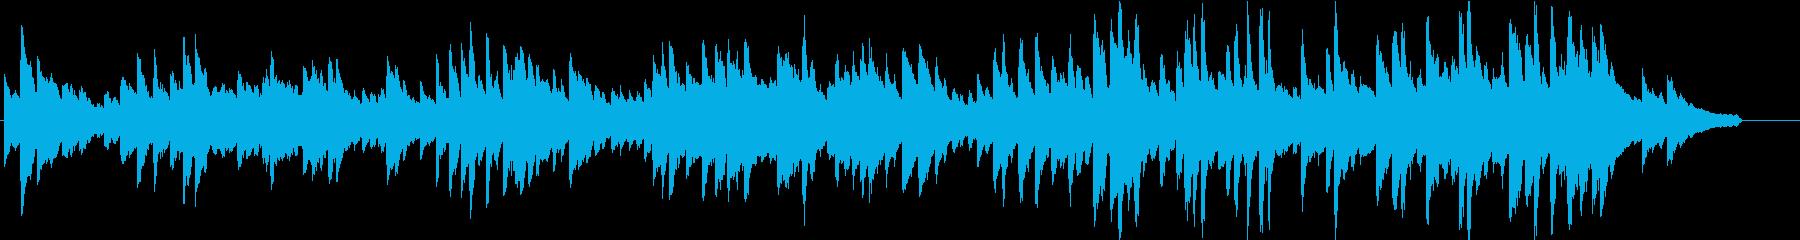 新たな風を感じるイメージのピアノ曲の再生済みの波形